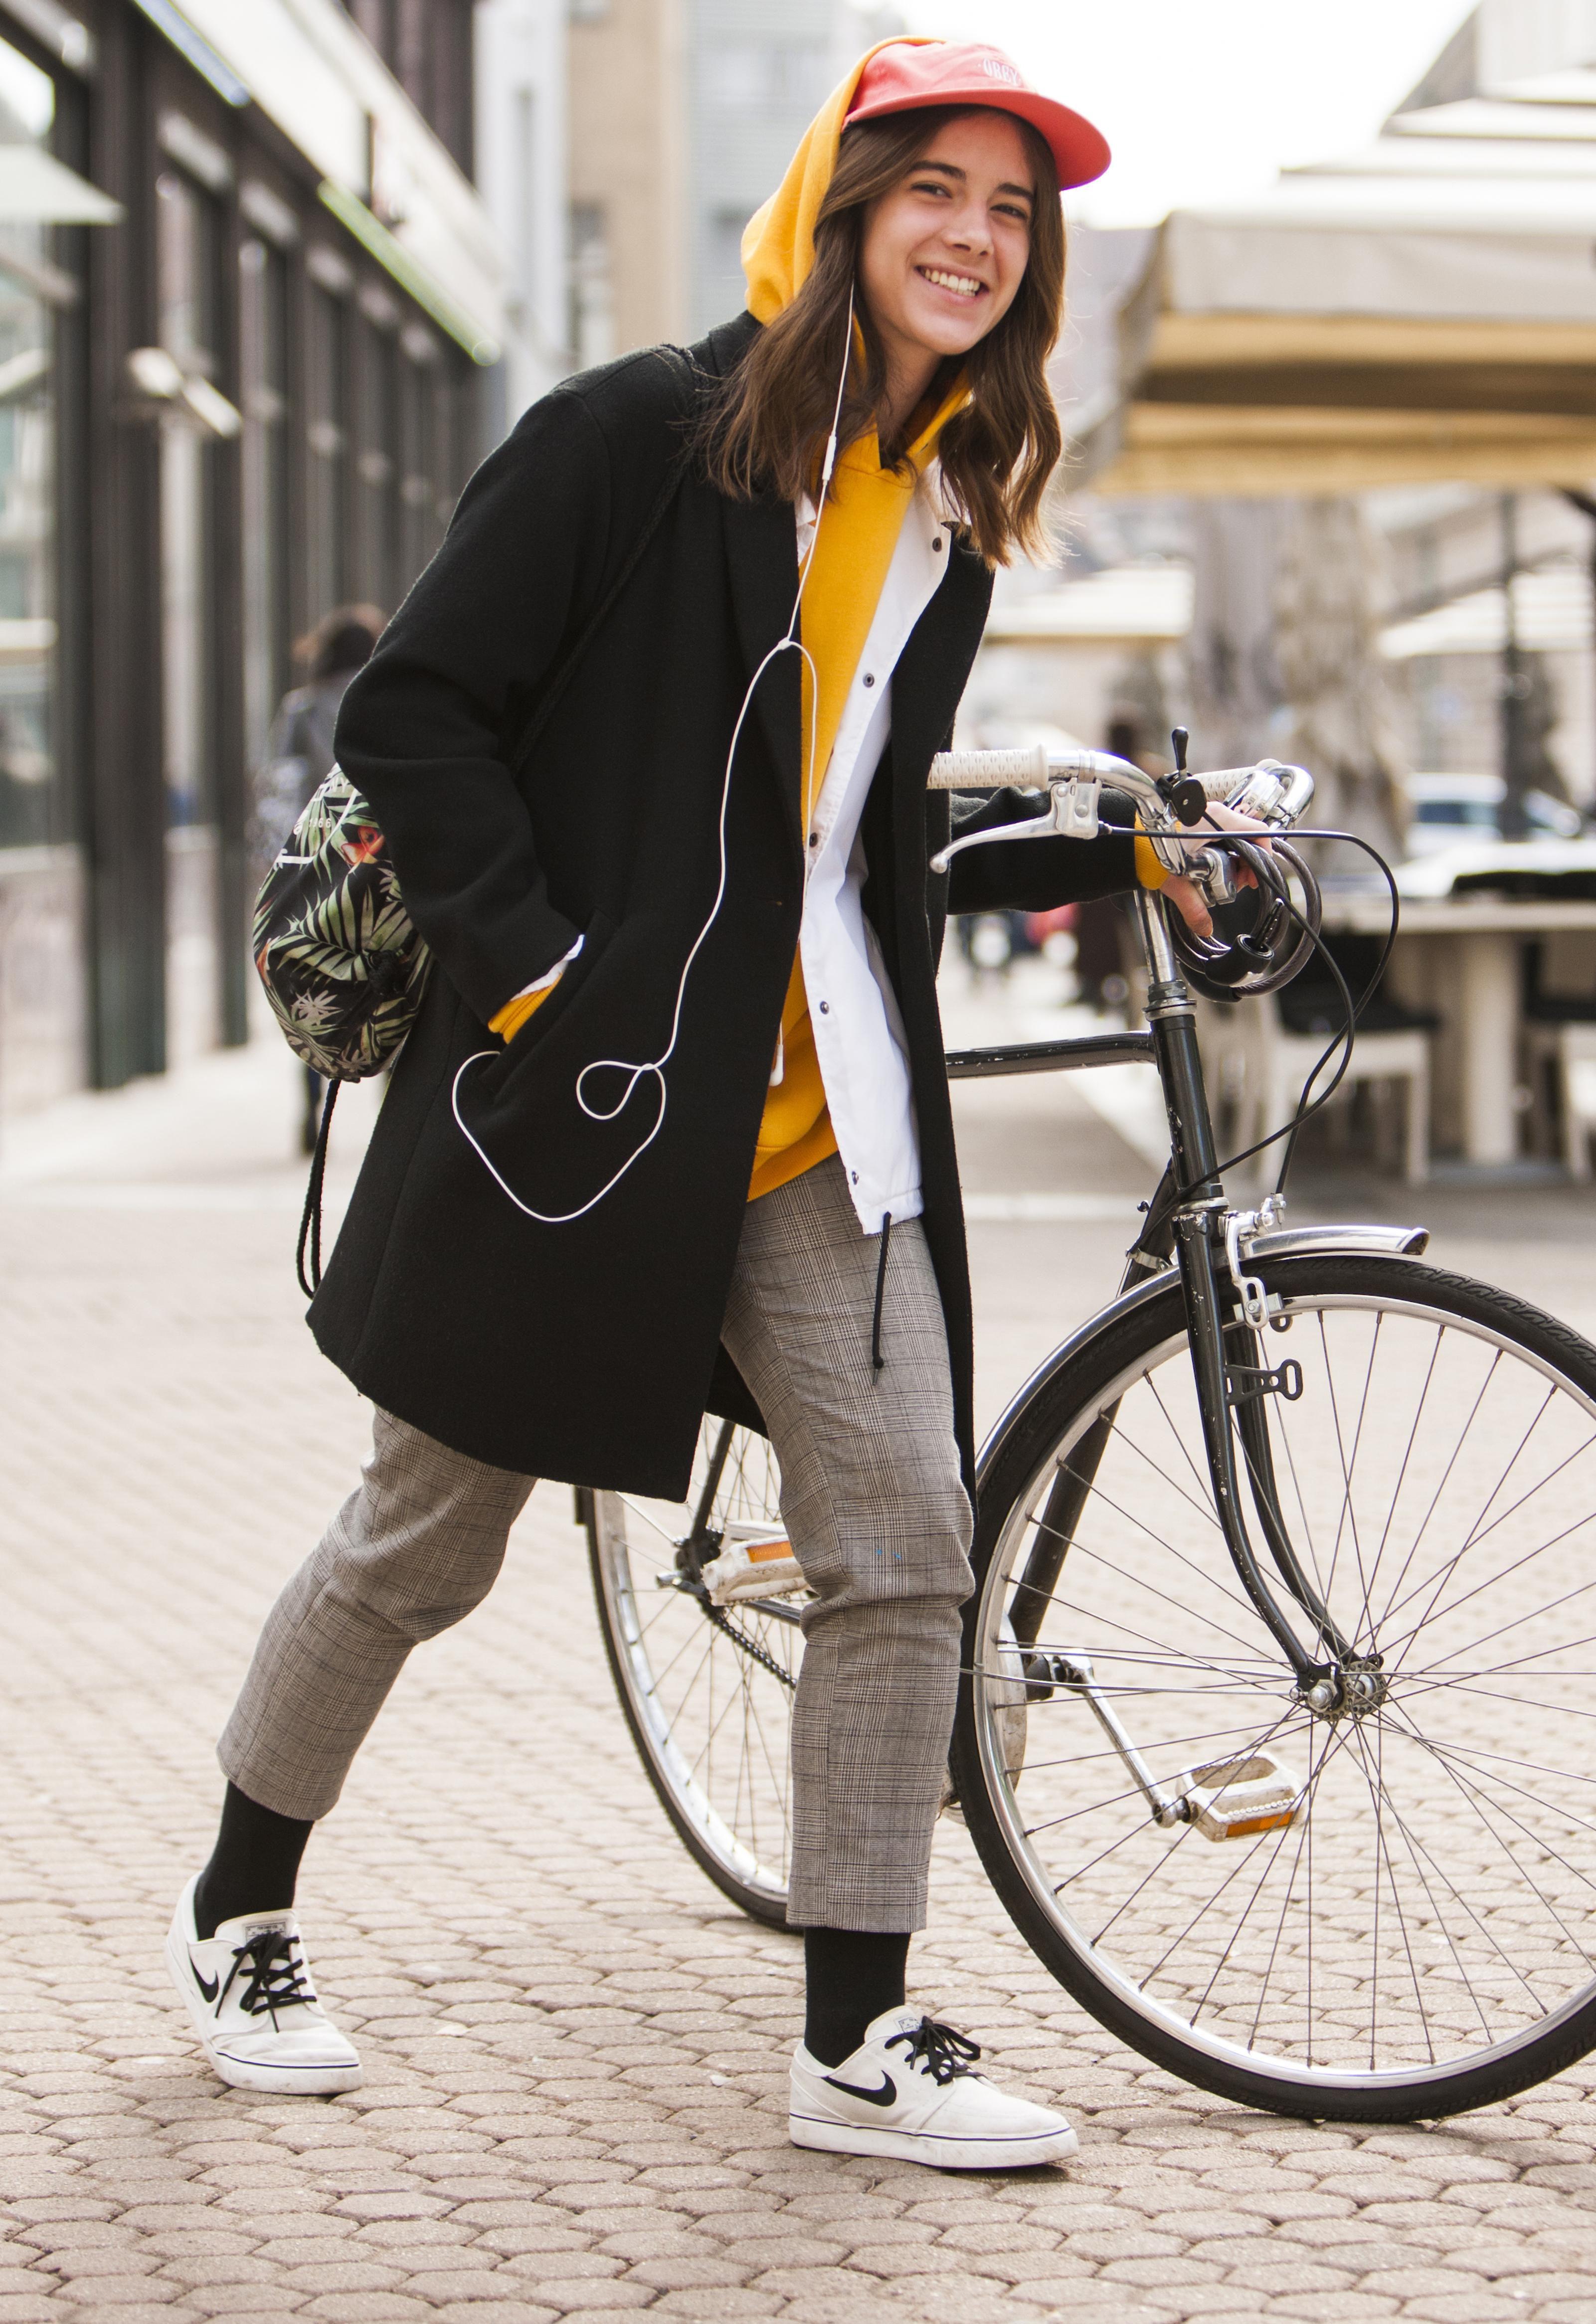 Ova je djevojka najbolji dokaz da i sportsko odijevanje može biti stylish!